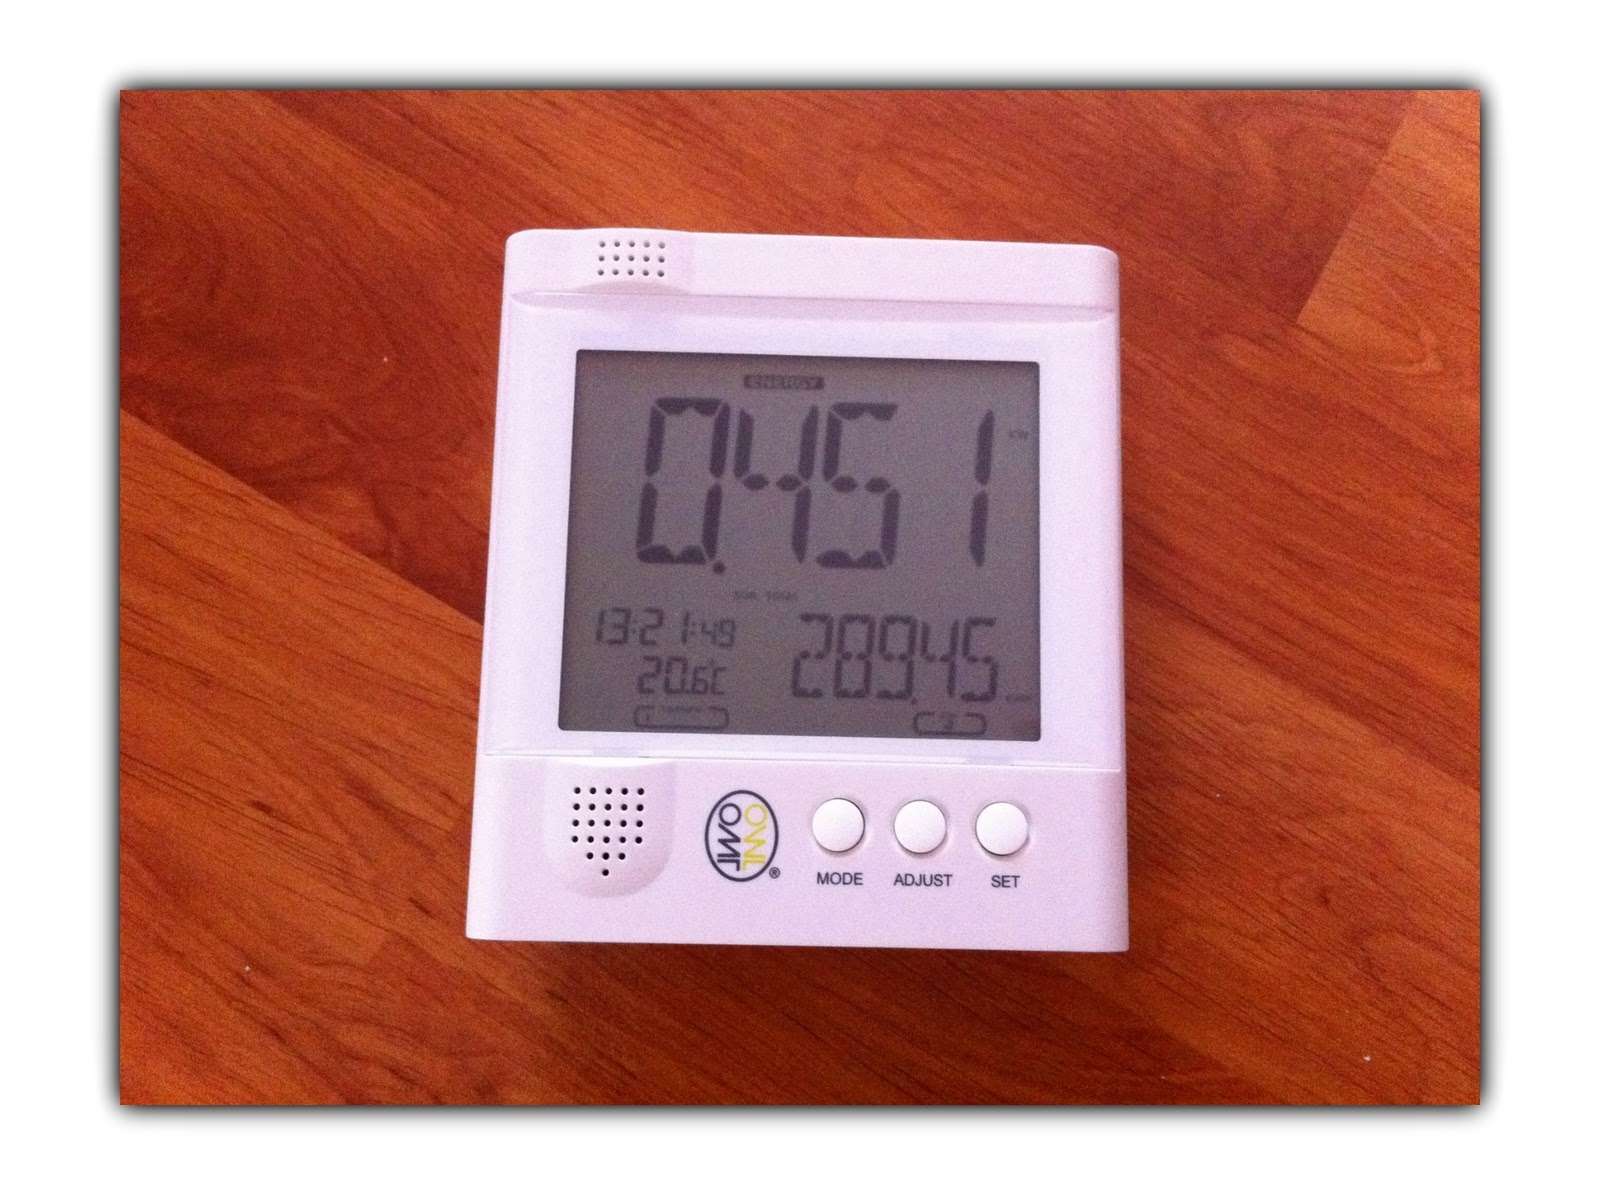 Domotique zibase tout est possible la gestion d Gestion d energie domotique